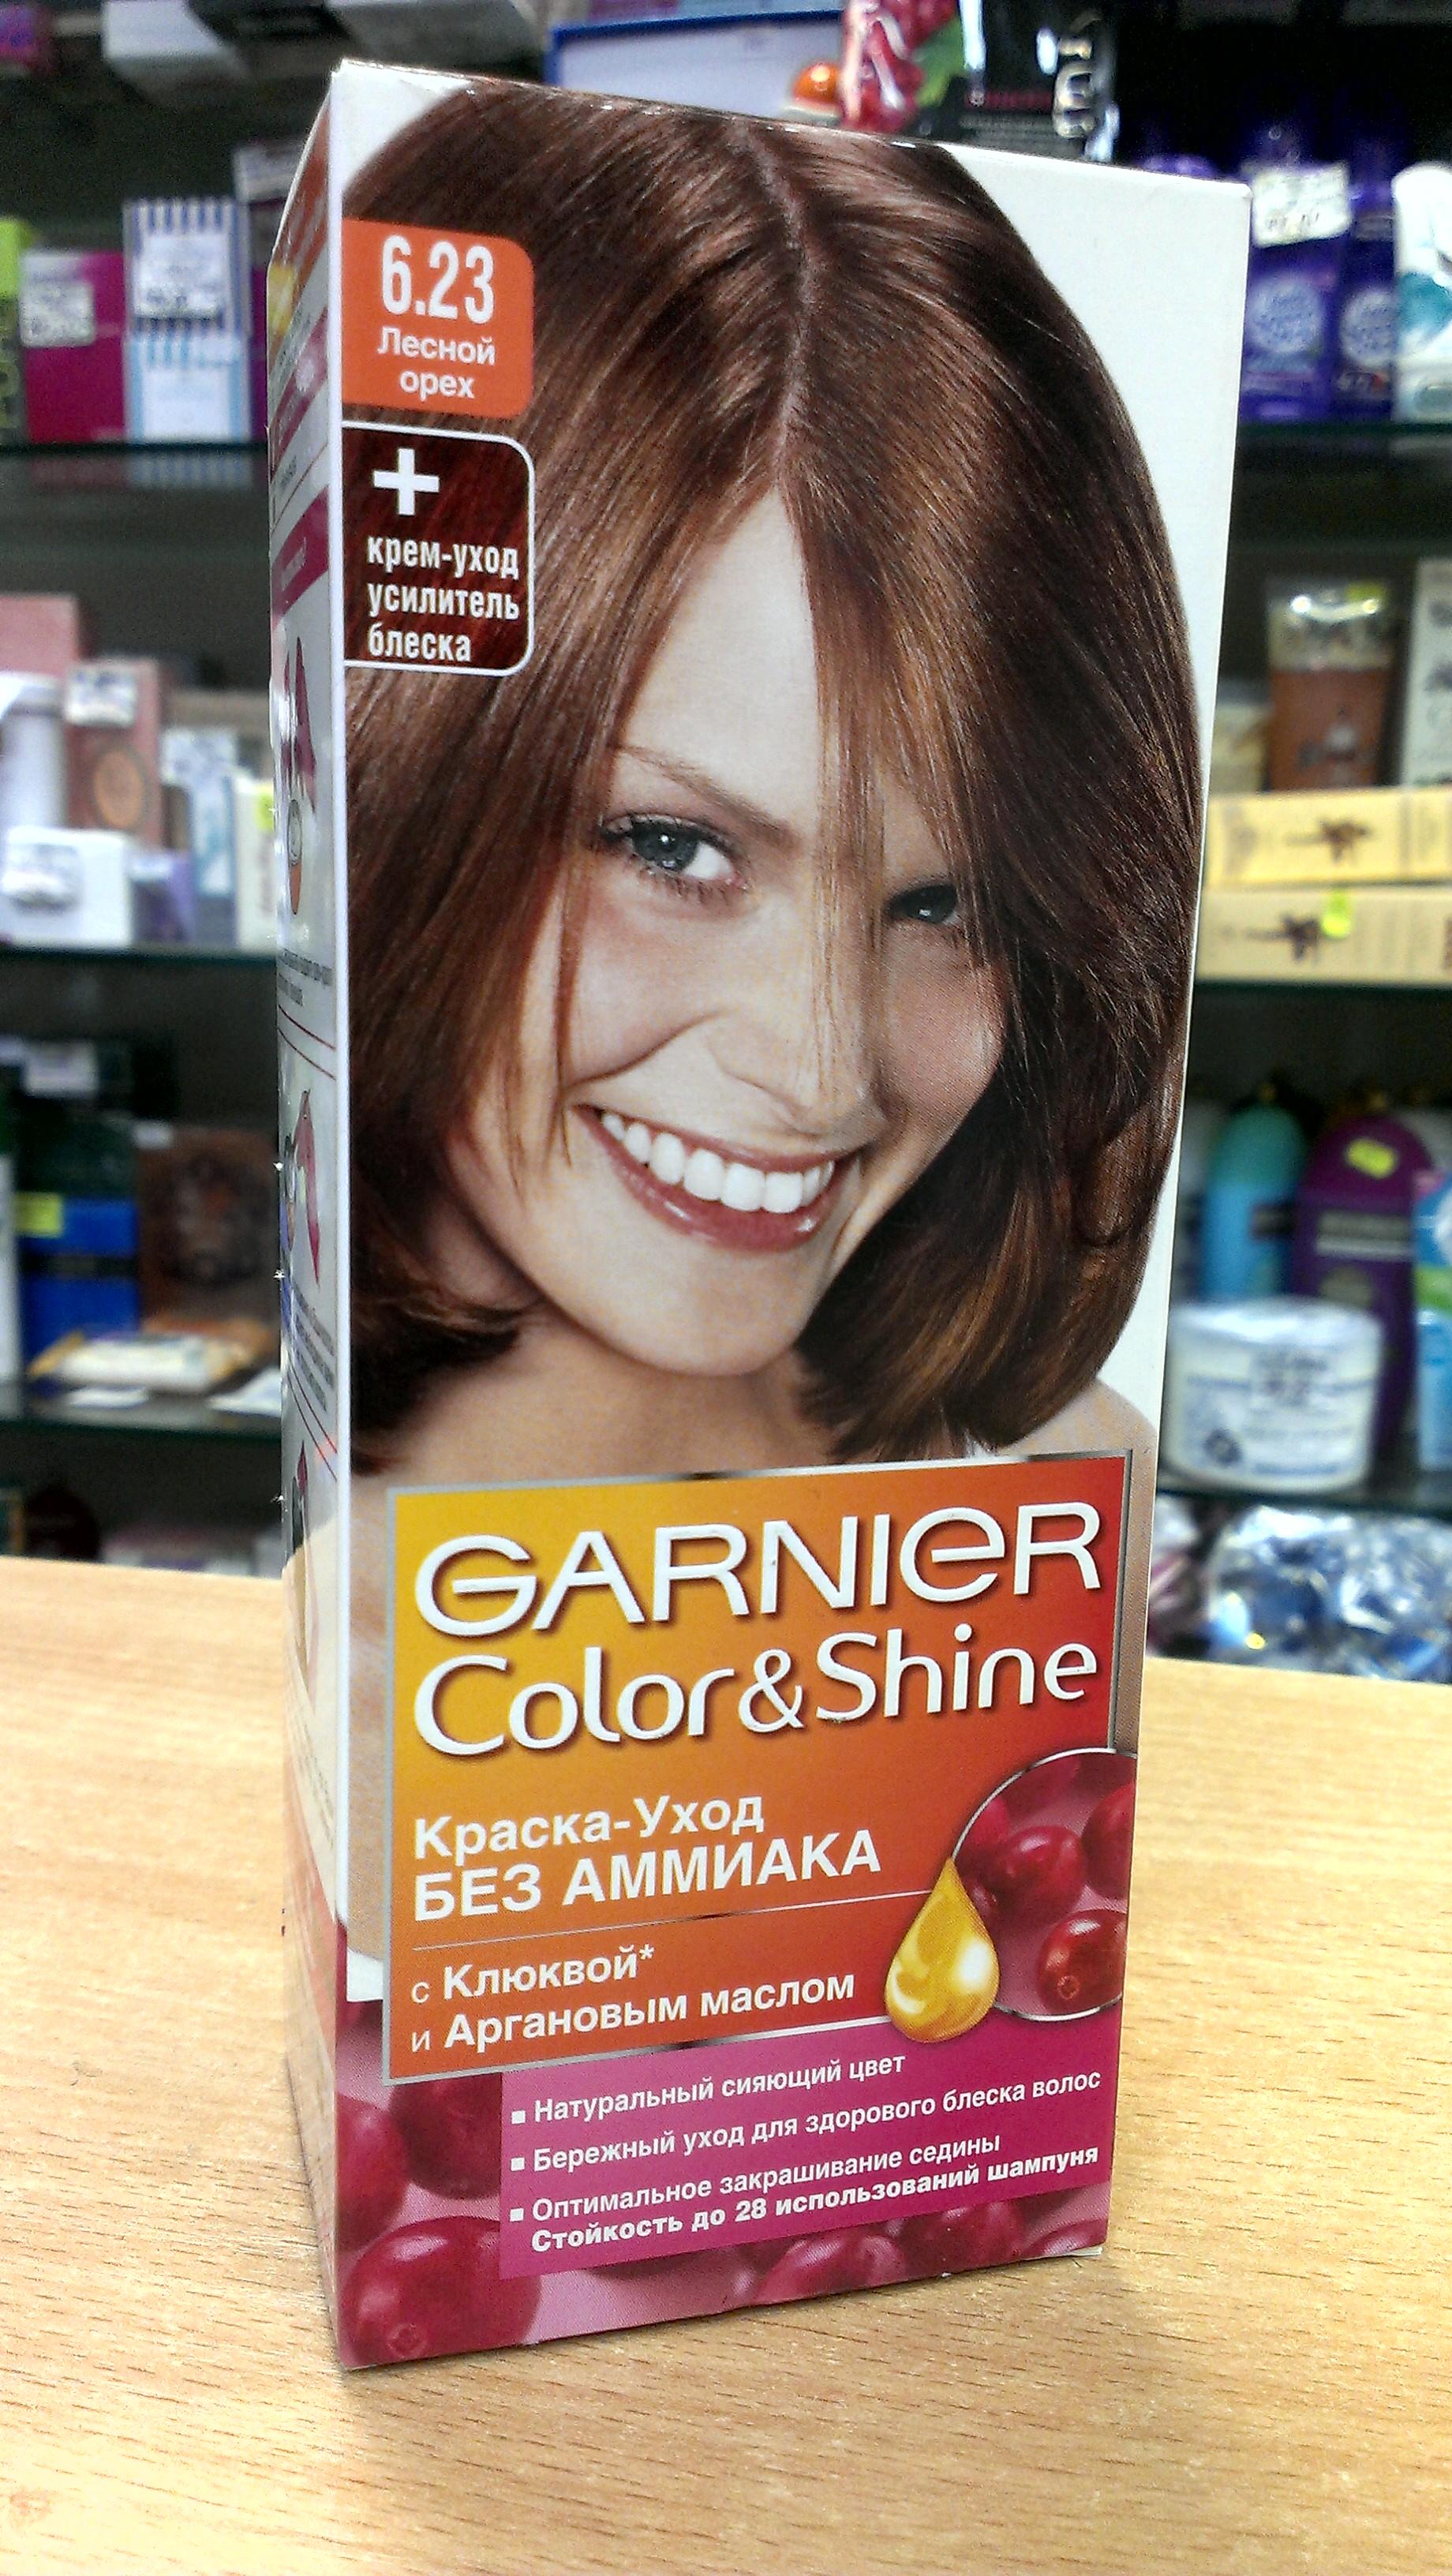 Краска для волос гарньер колор и шайн палитра цветов фото